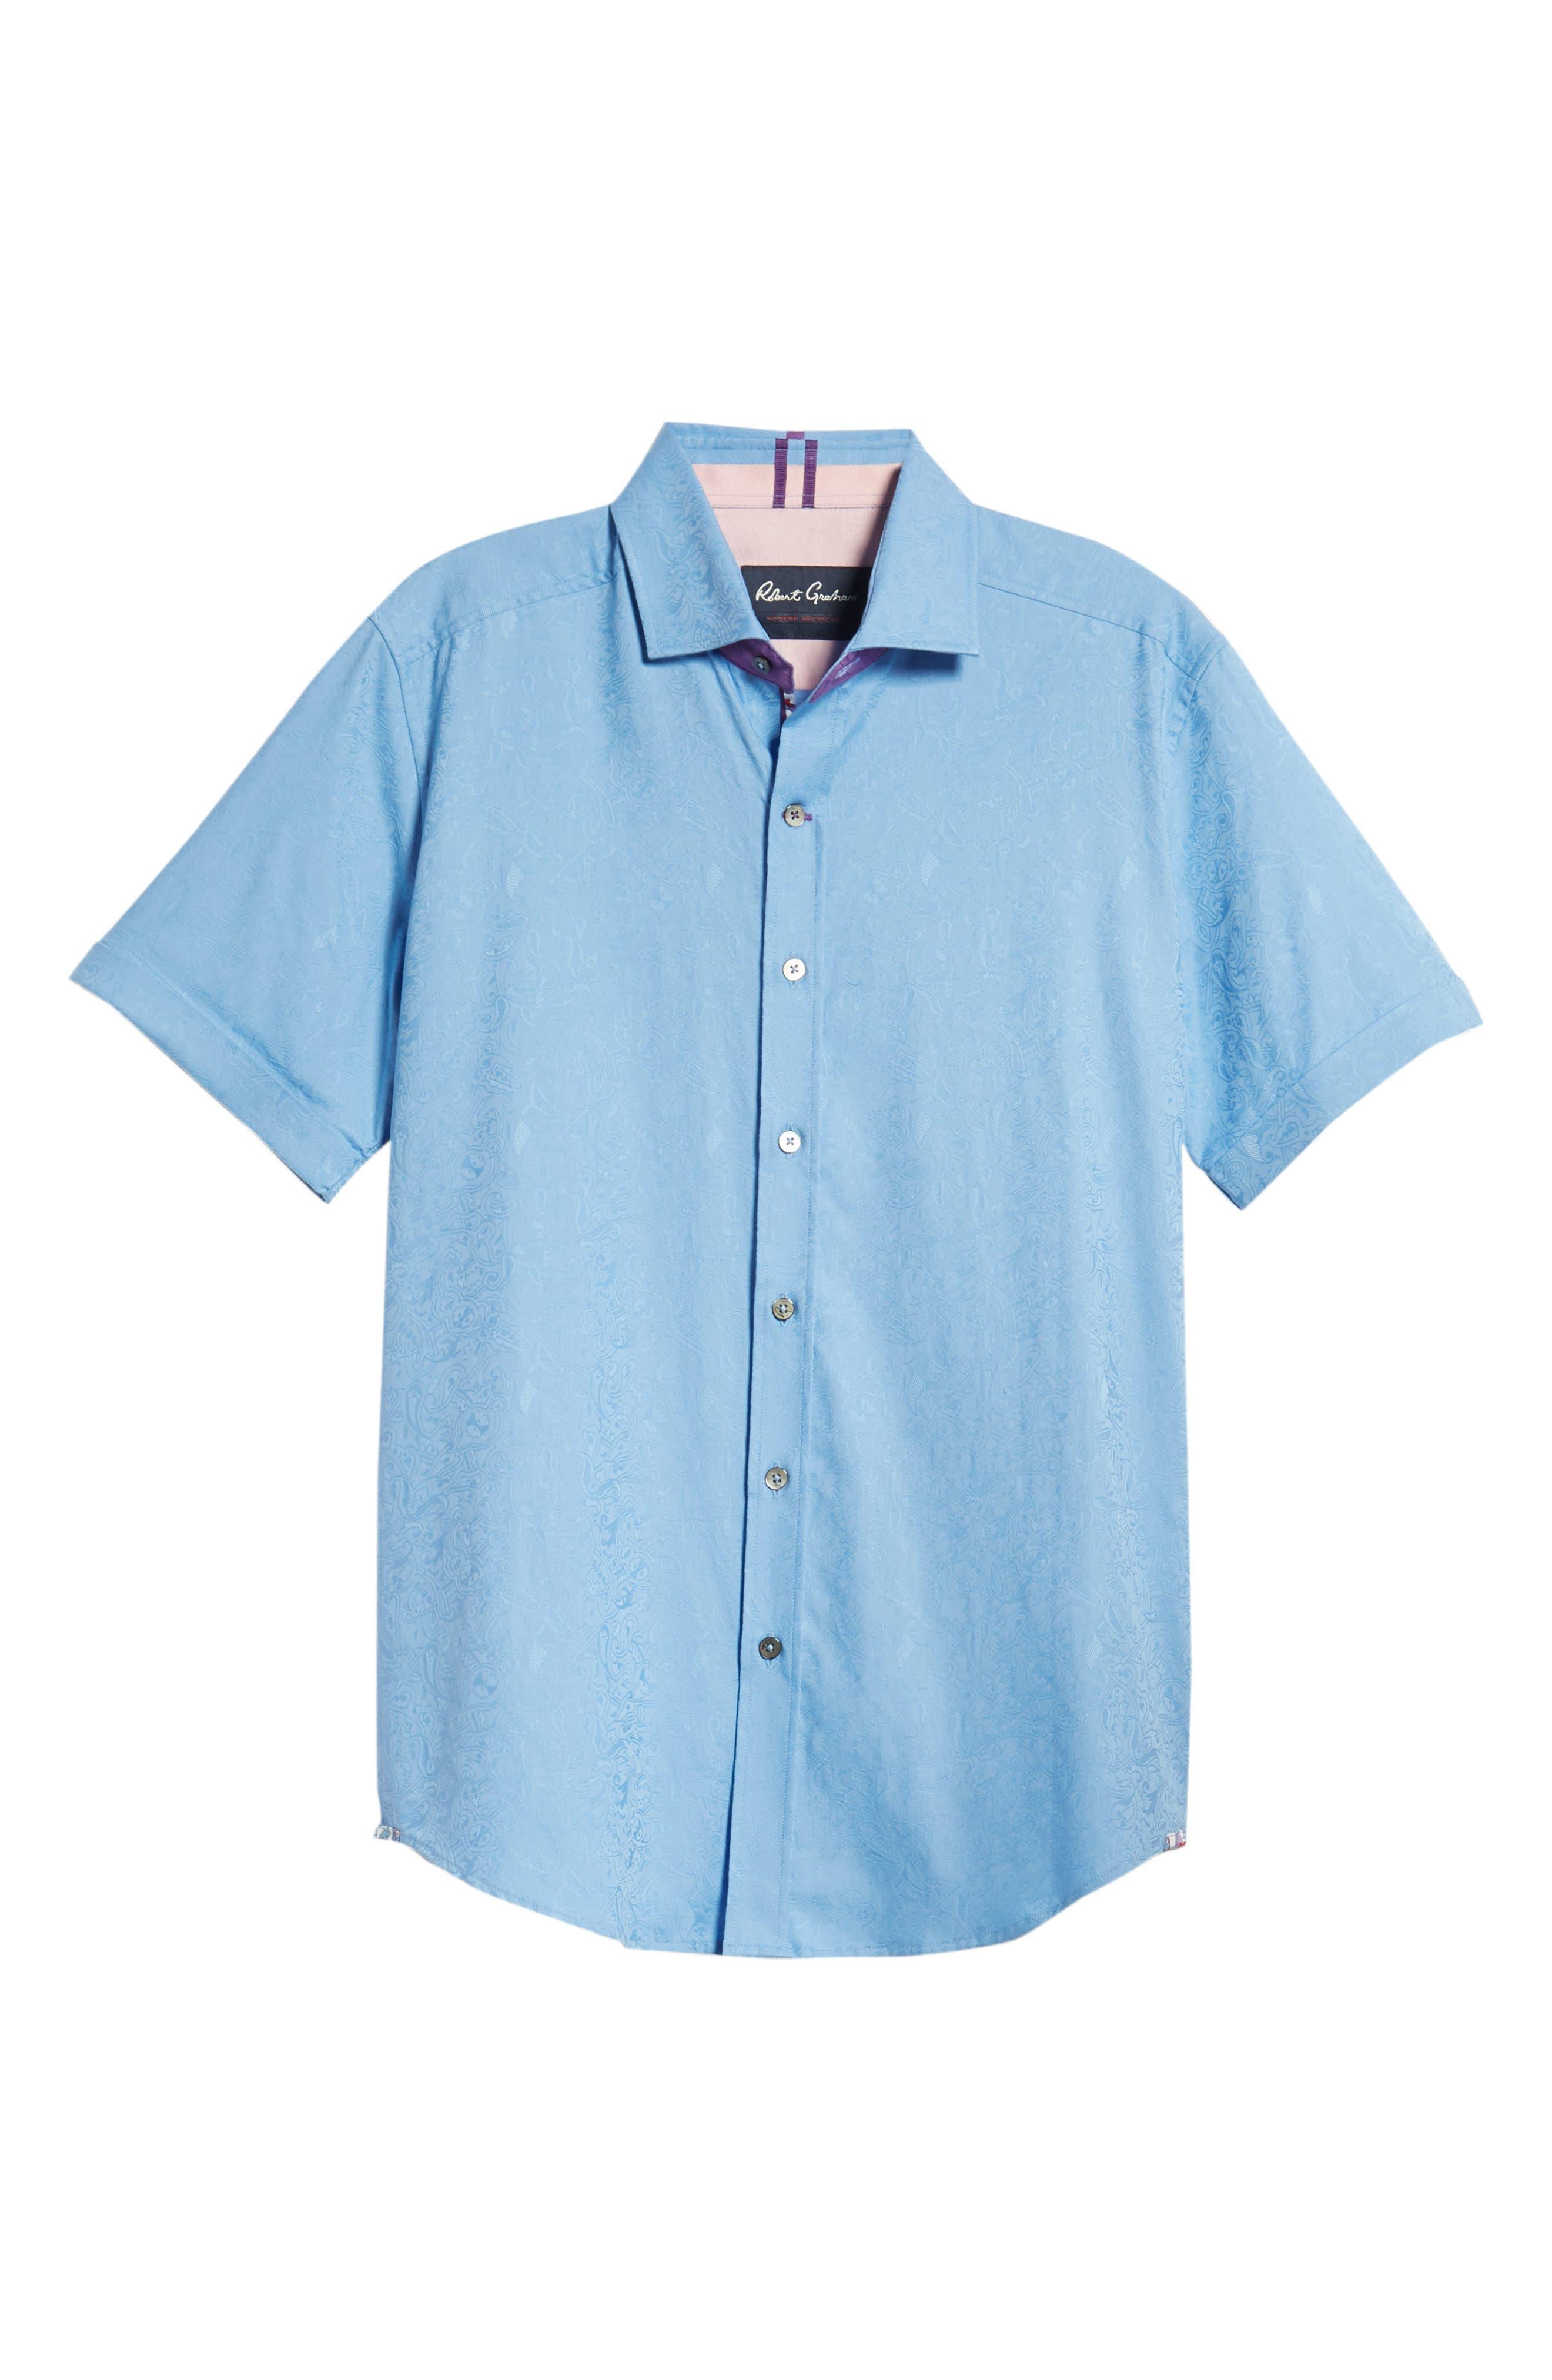 Abbott Sport Shirt,                             Alternate thumbnail 6, color,                             Blue